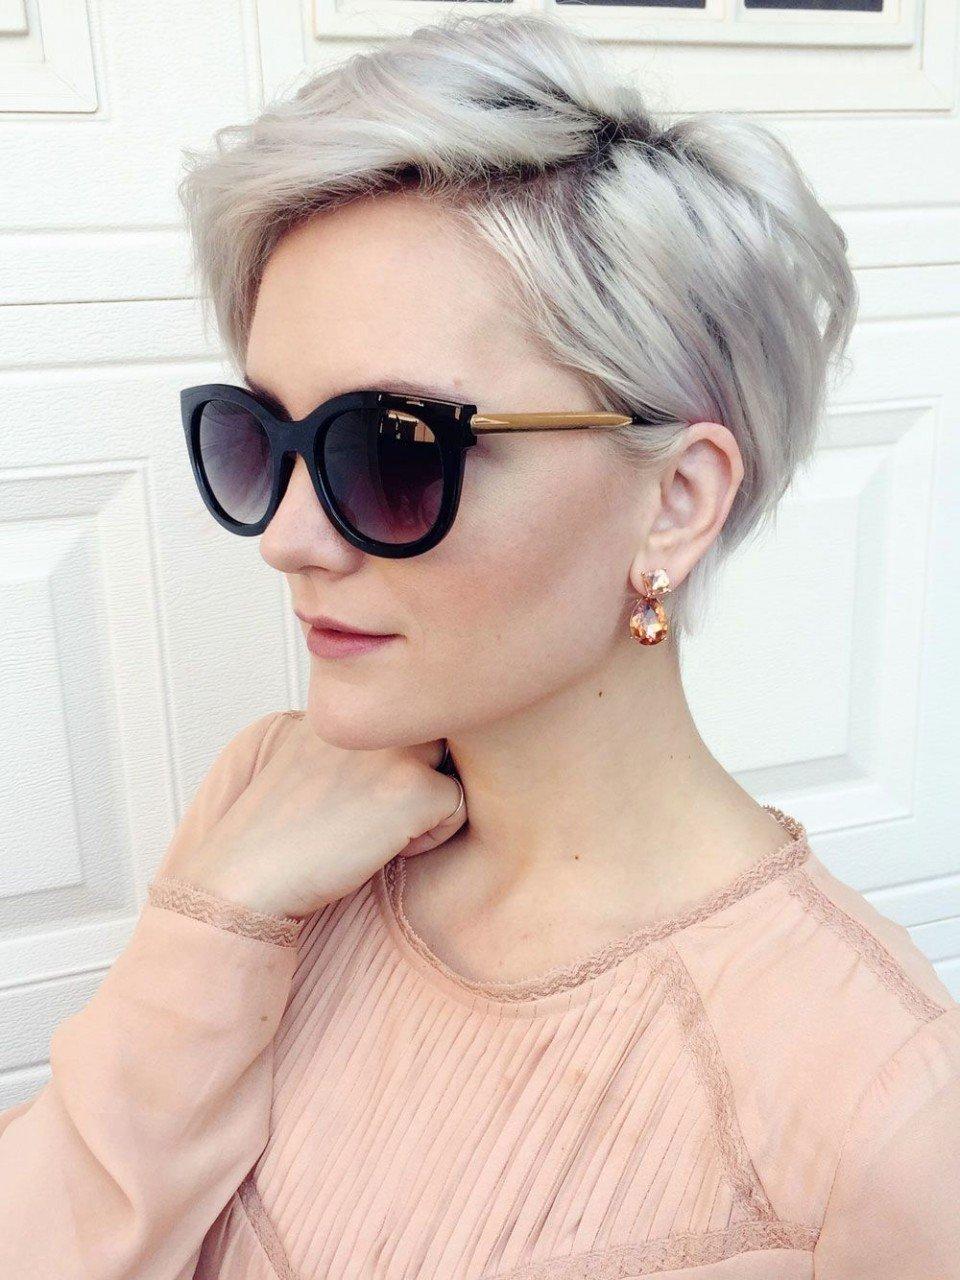 тренды 2018 2019 волосы: пикси на короткие